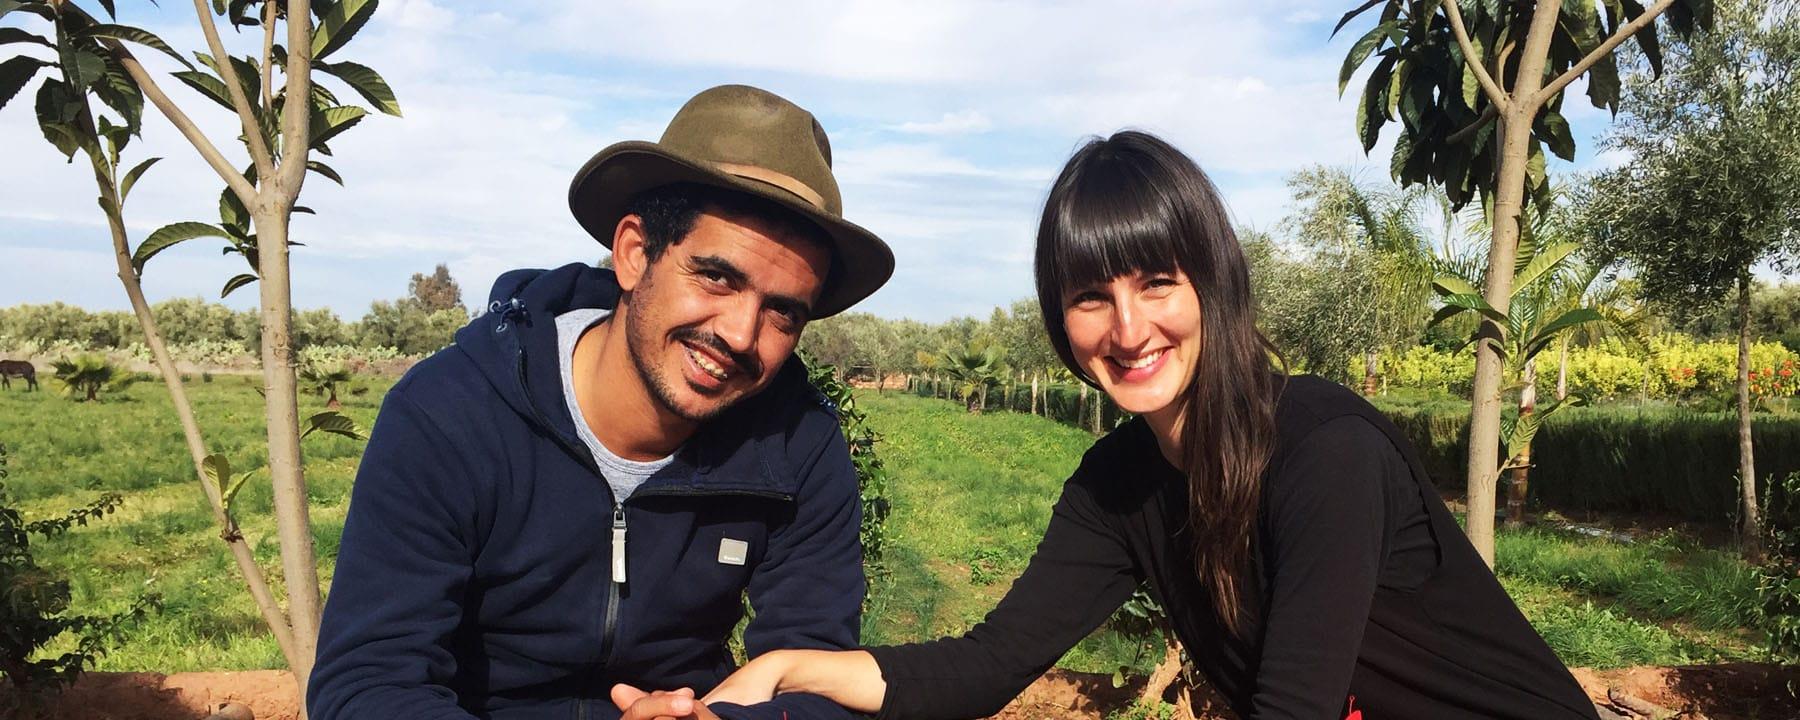 nosade-founders-anica-herrmann-yidir-alla_source-nosade